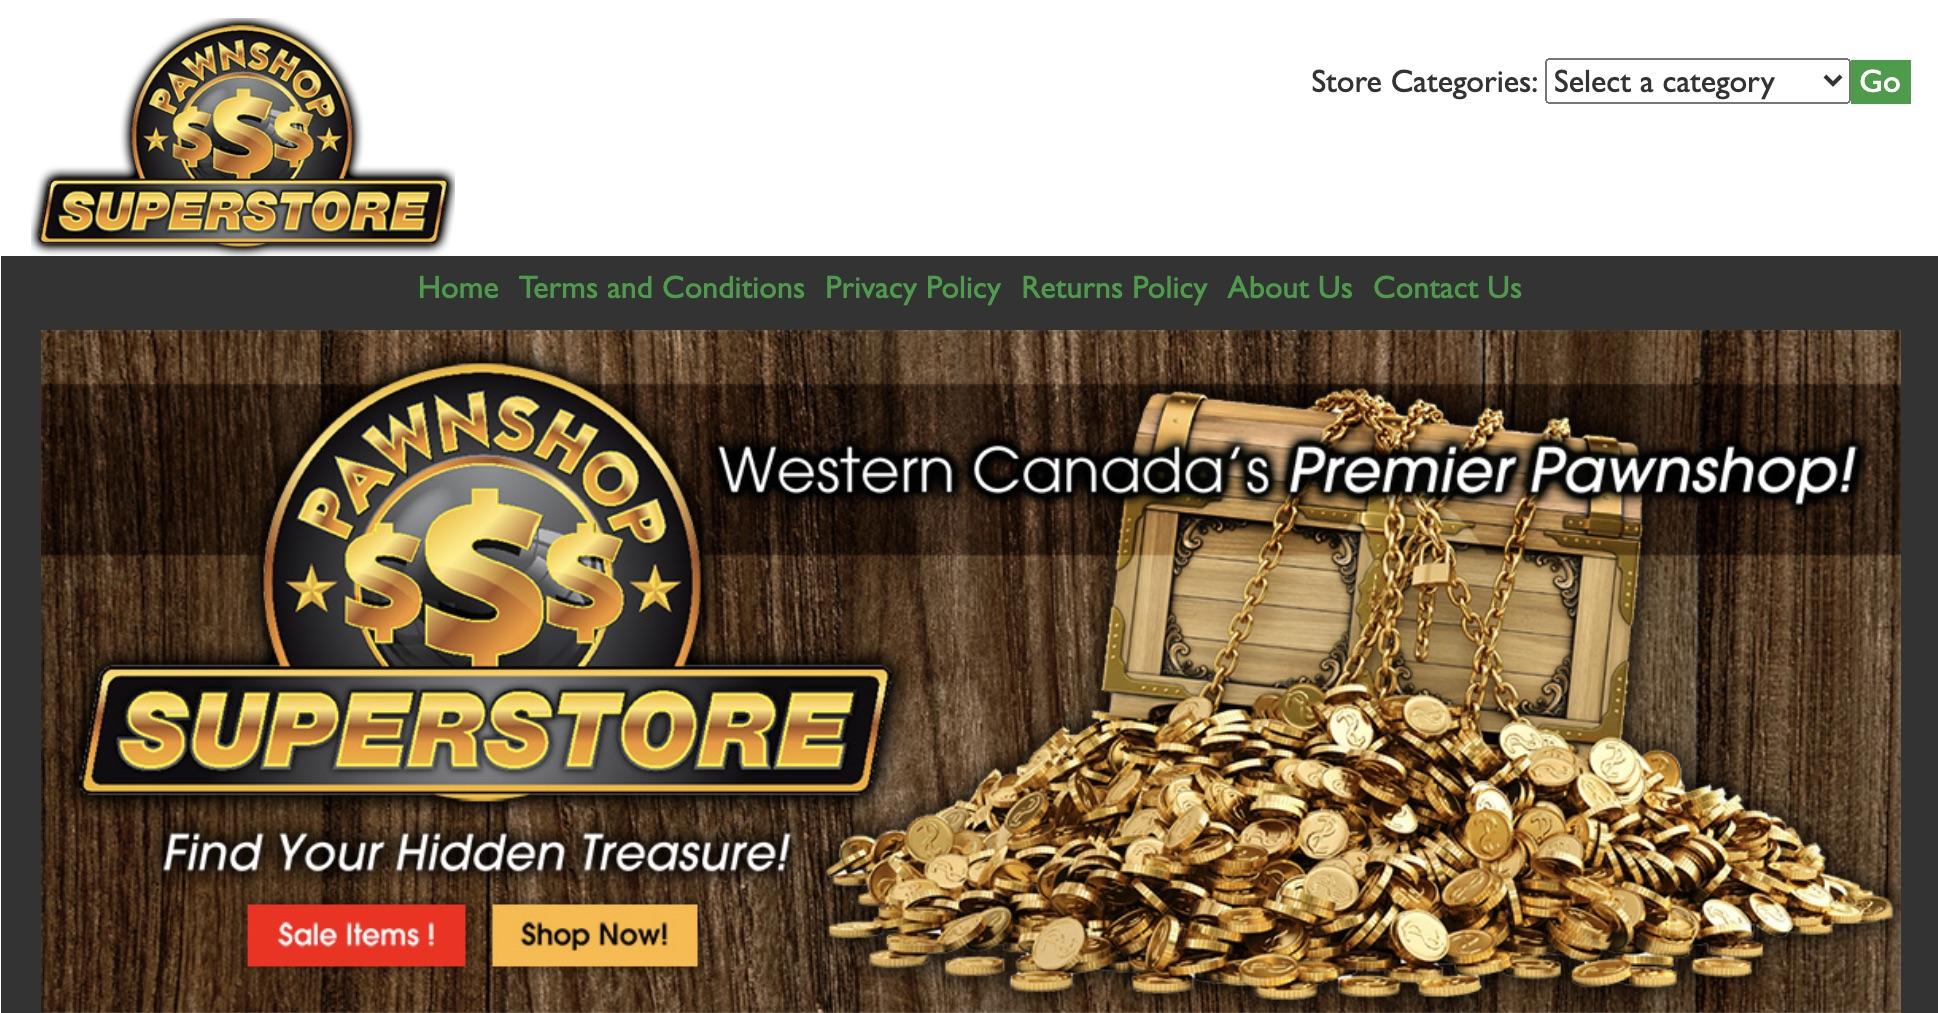 Pawnshop Superstore